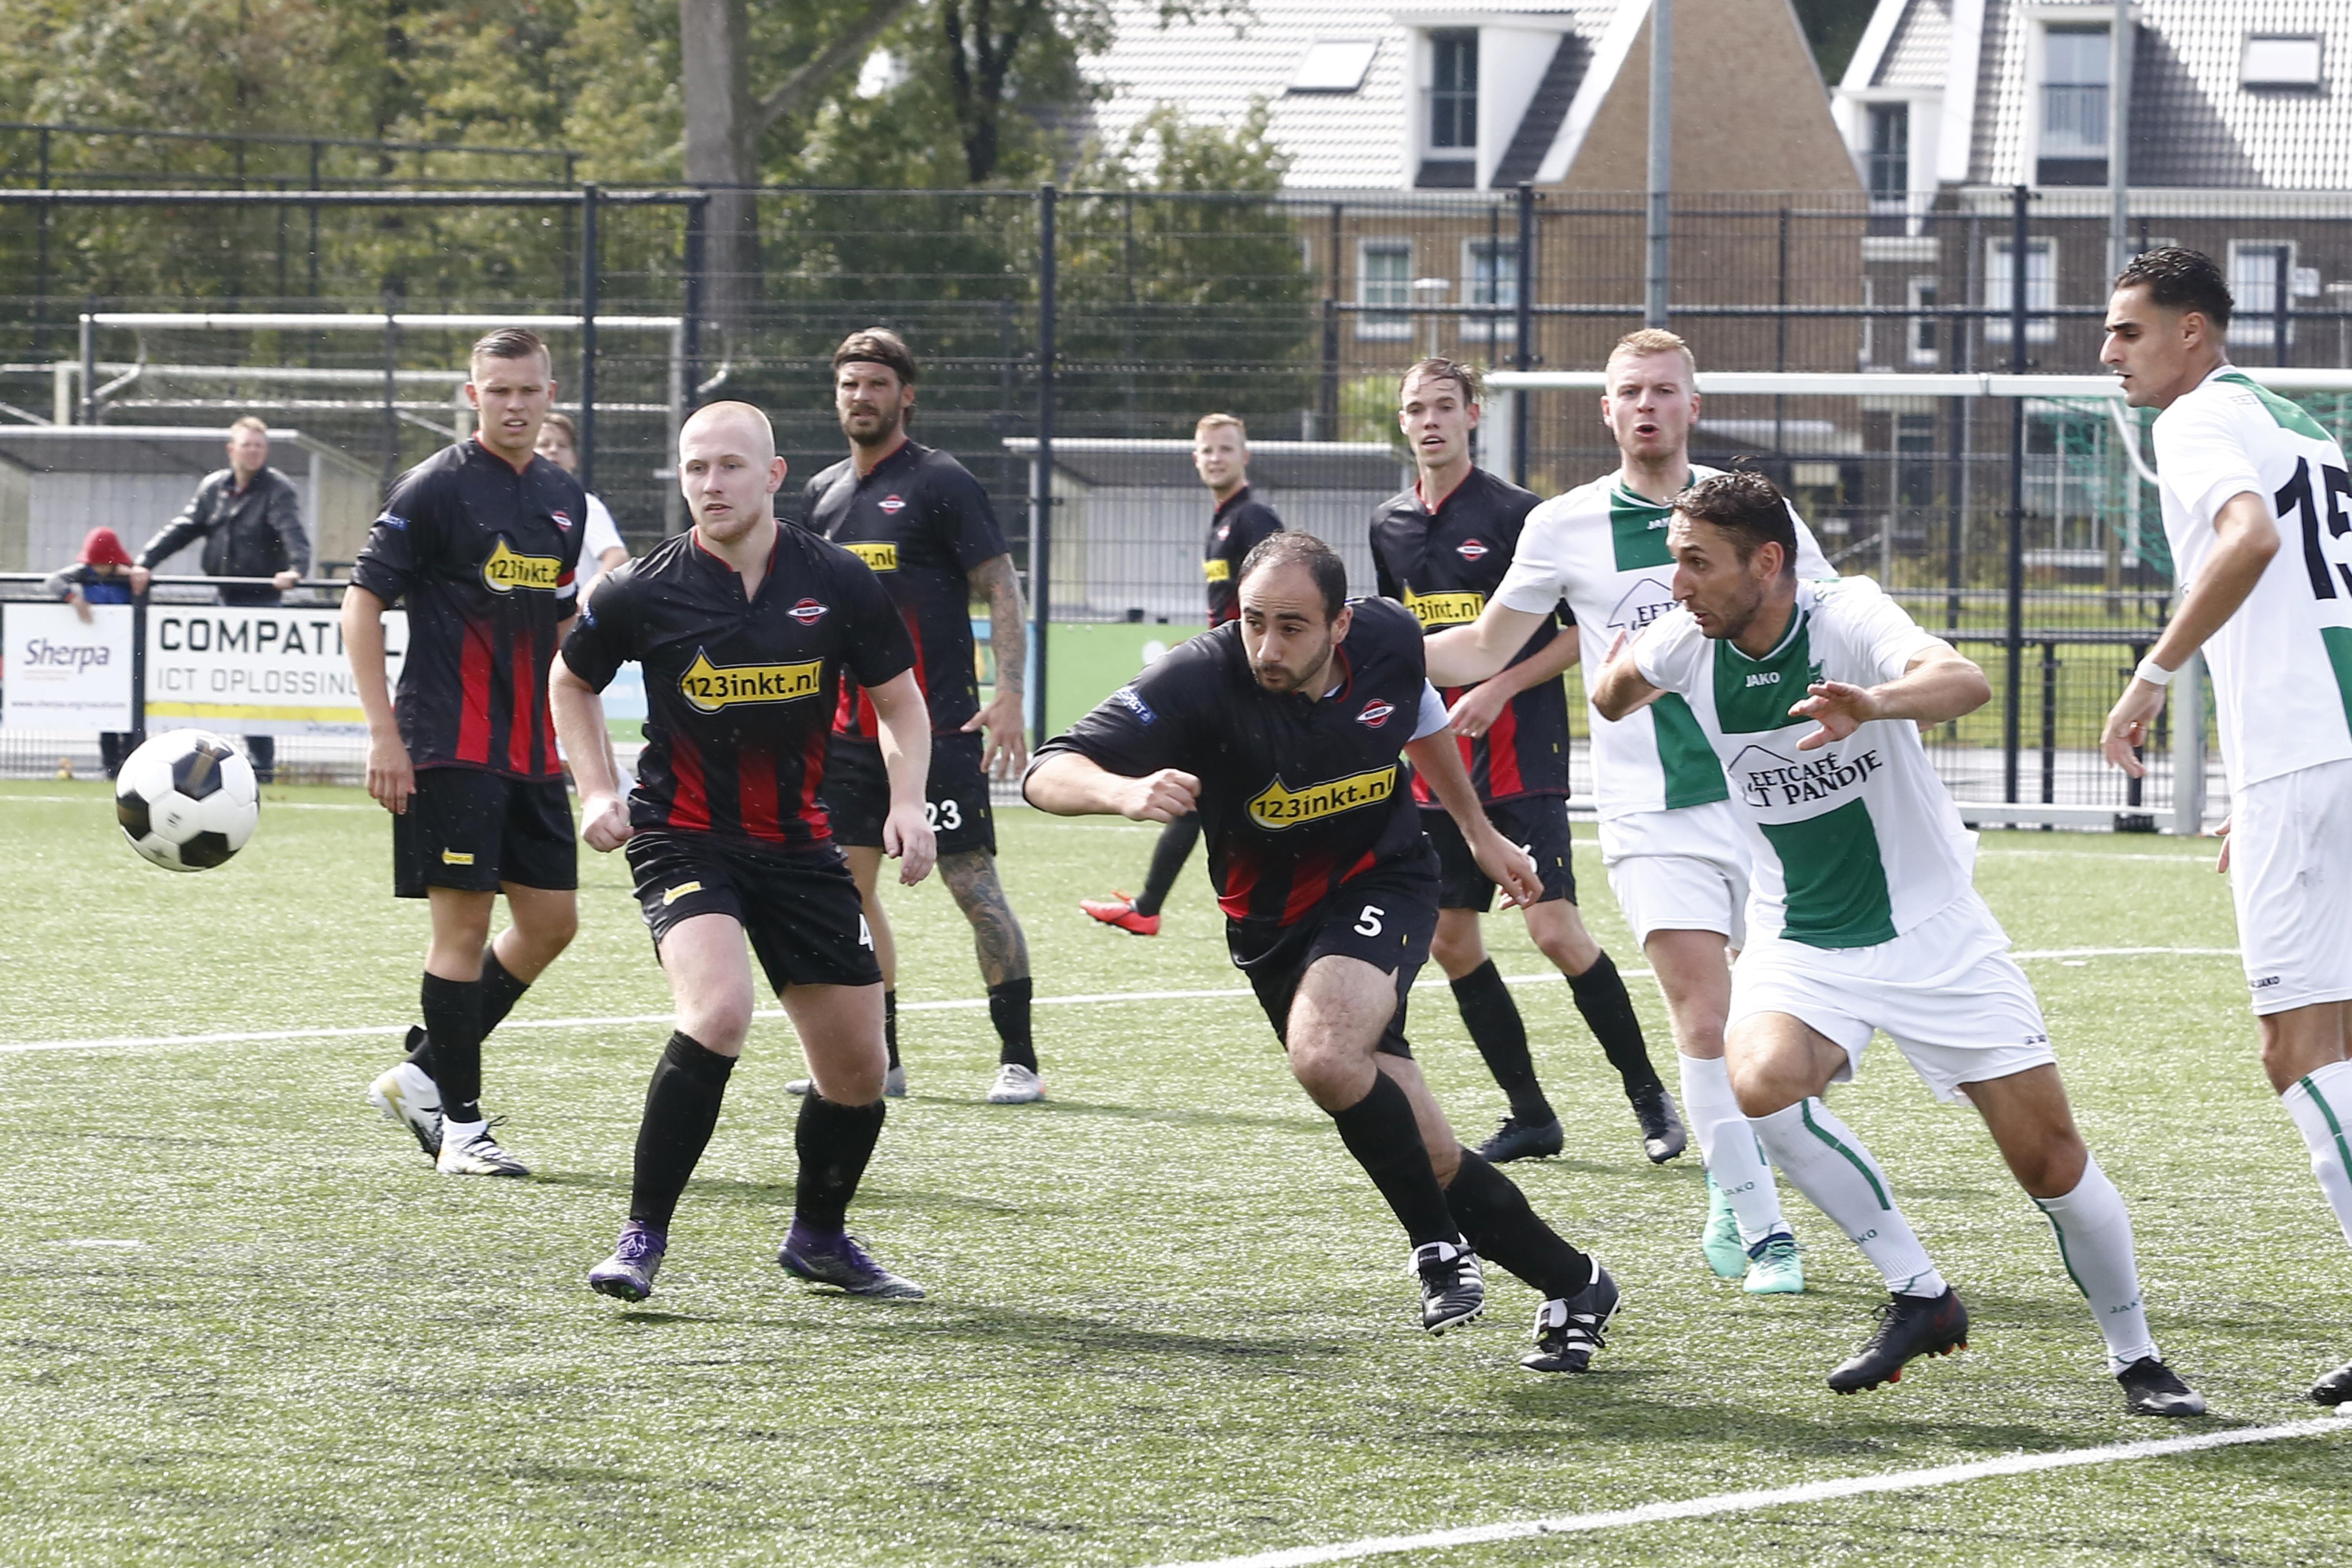 Prachtig debuut voor Tsjech in (FC) Hilversumse dienst Peter Palenik: 'We hebben wel even gefeest, ja'